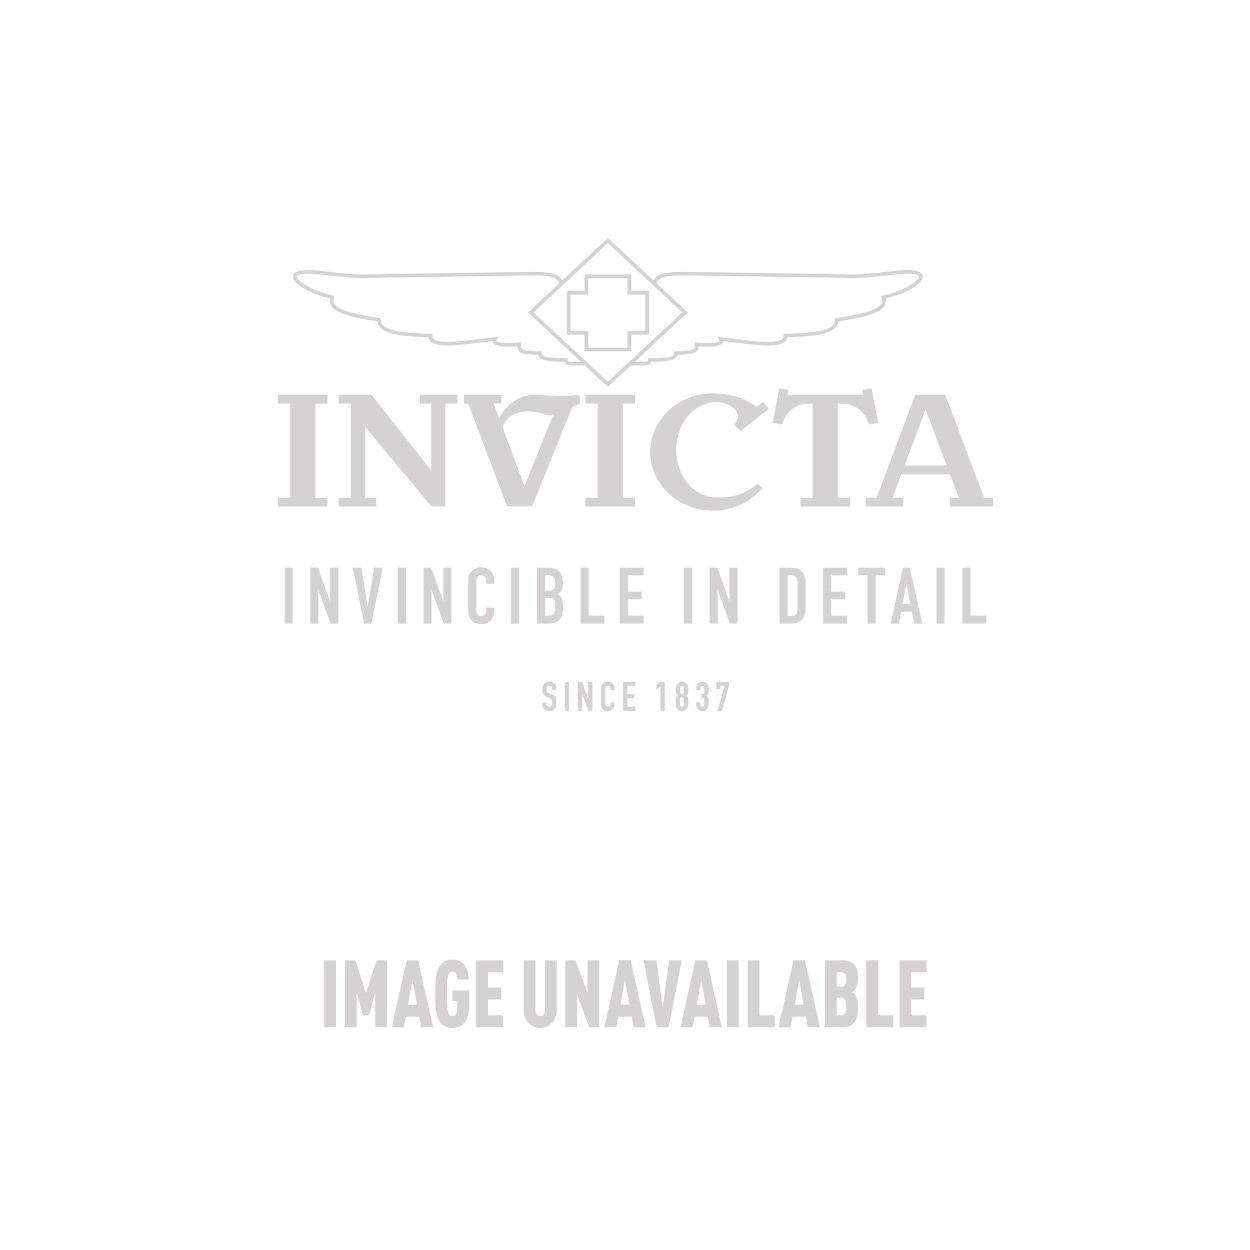 Invicta Model 22996